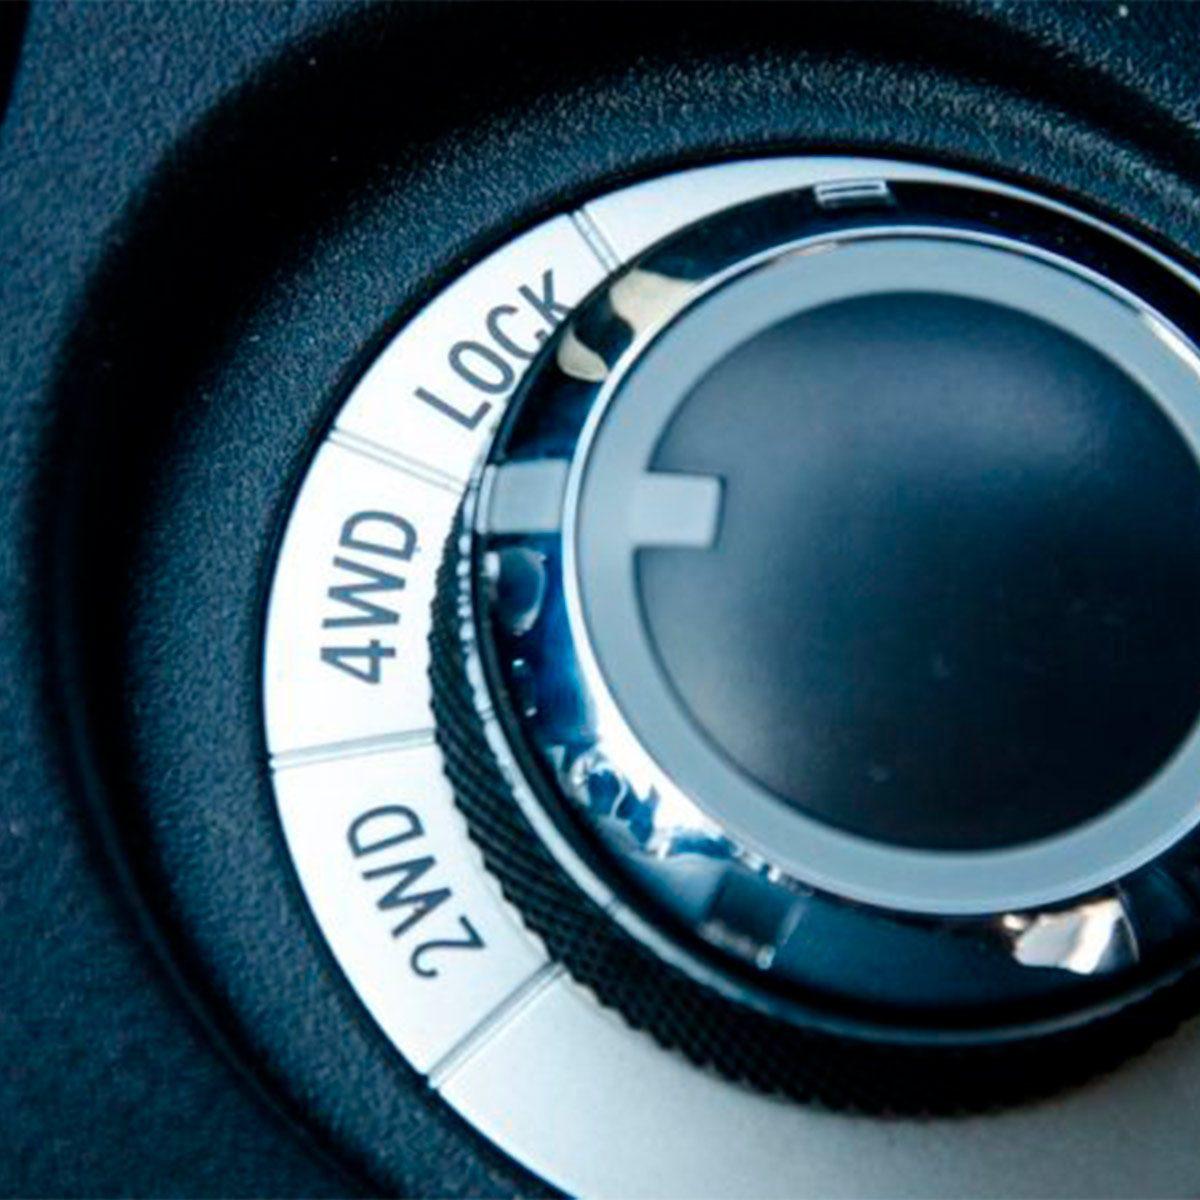 4wd-drive-selector-button-square